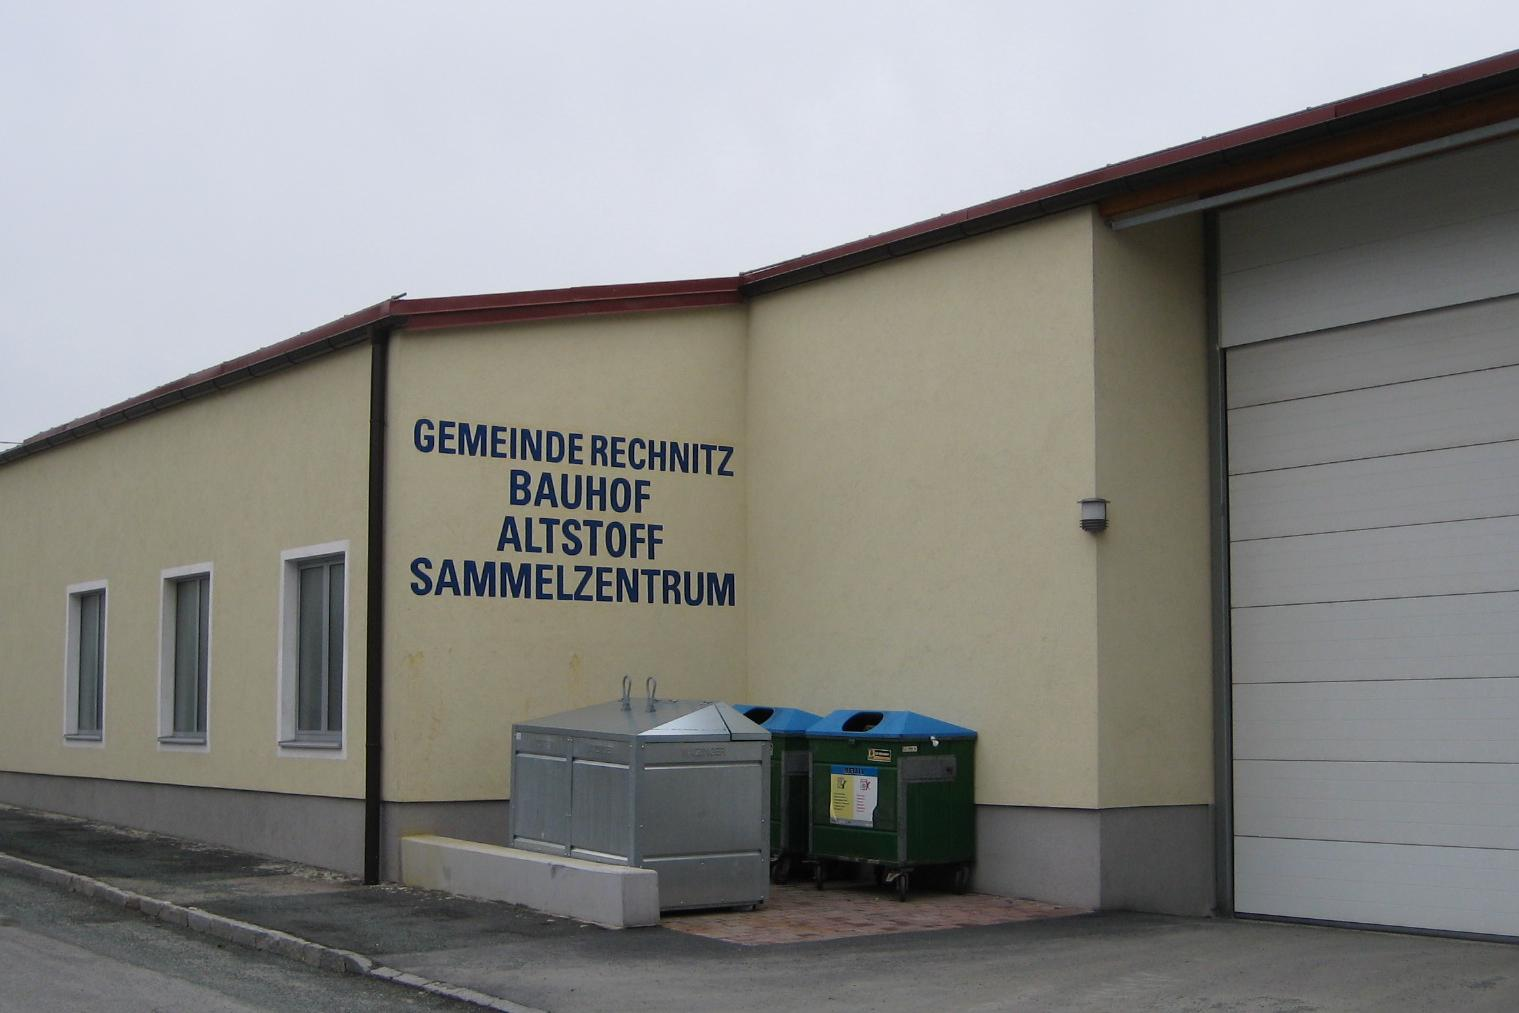 Bauhof und Altstoffsammelzentrum, Rechnitz, Südburgenland